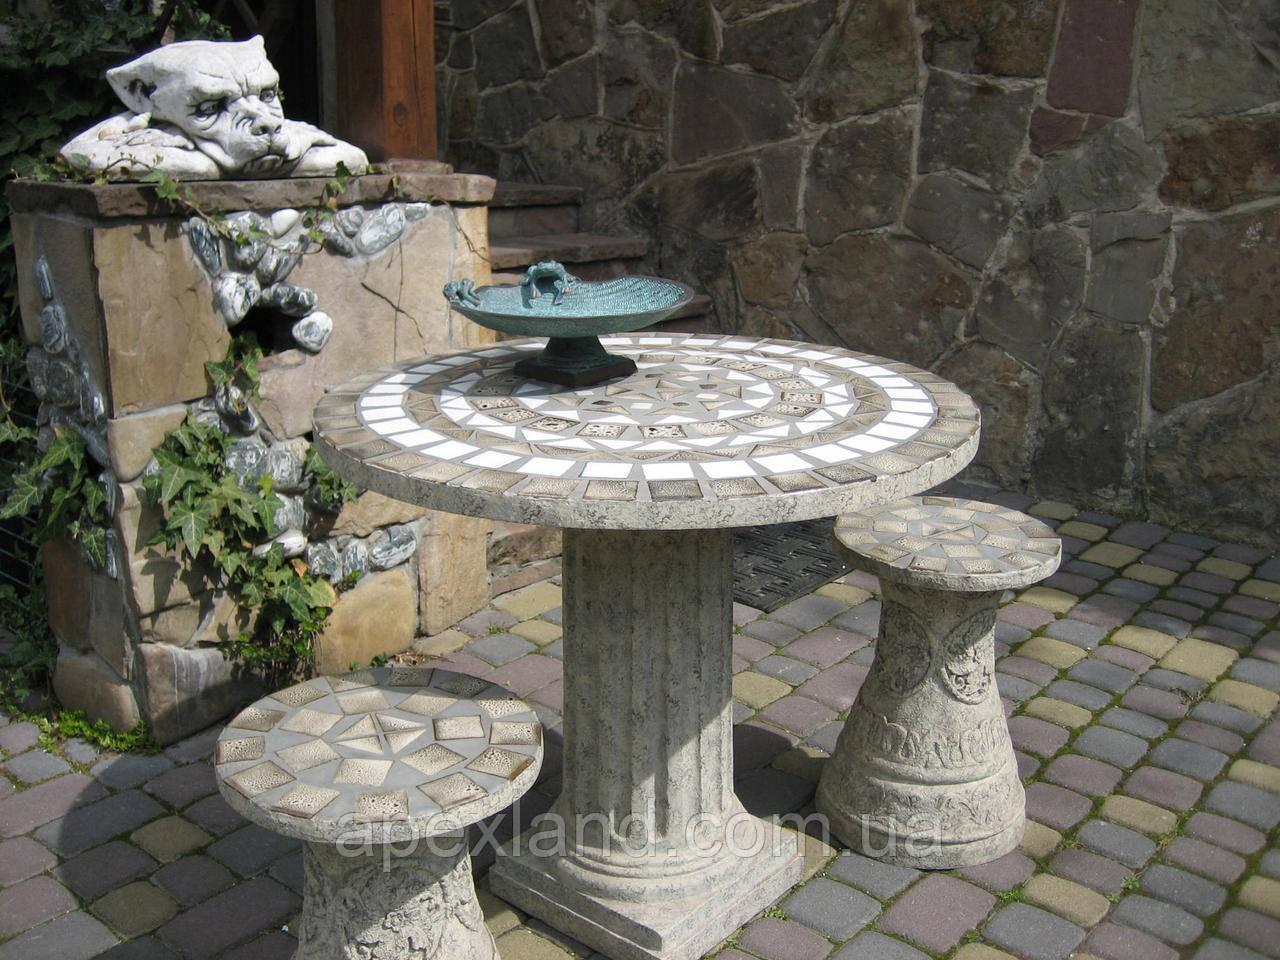 Мебель для сада из легкого и прочного полимерного материала., фото 1